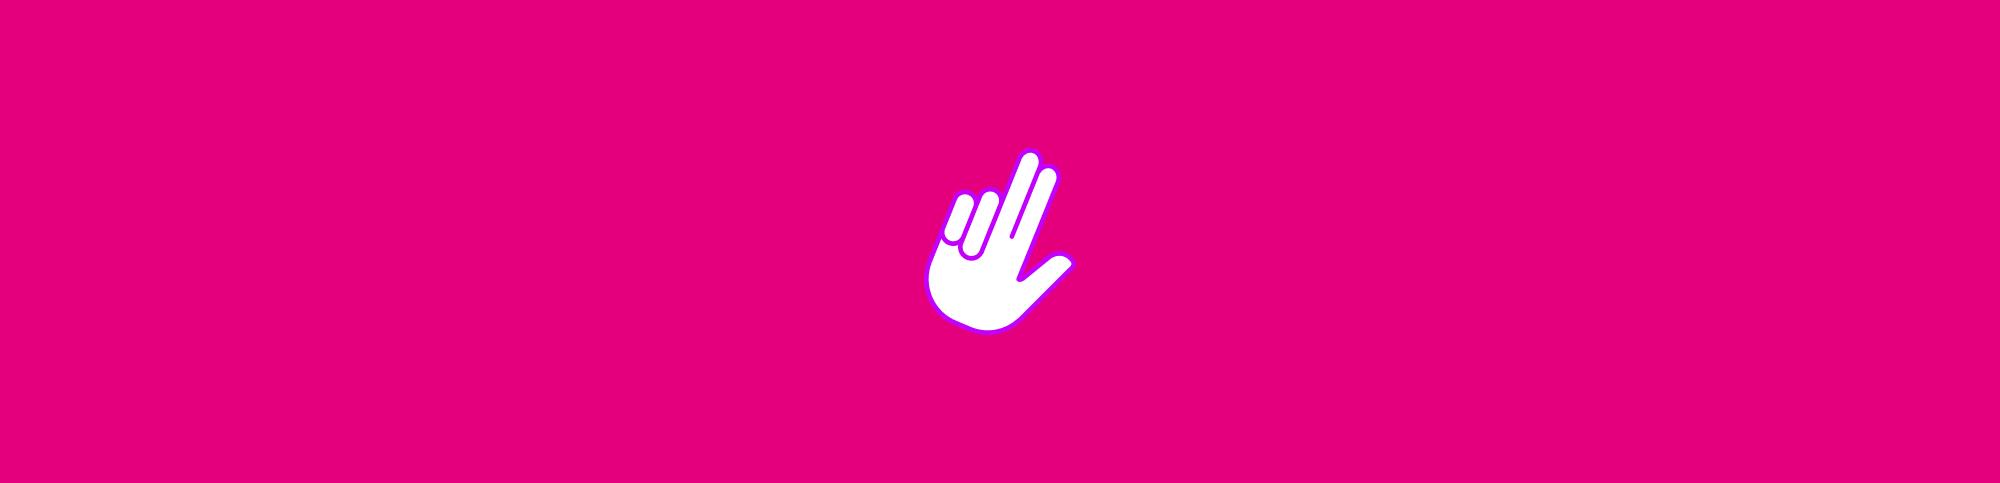 Lenguaje de señas mexicanas logo